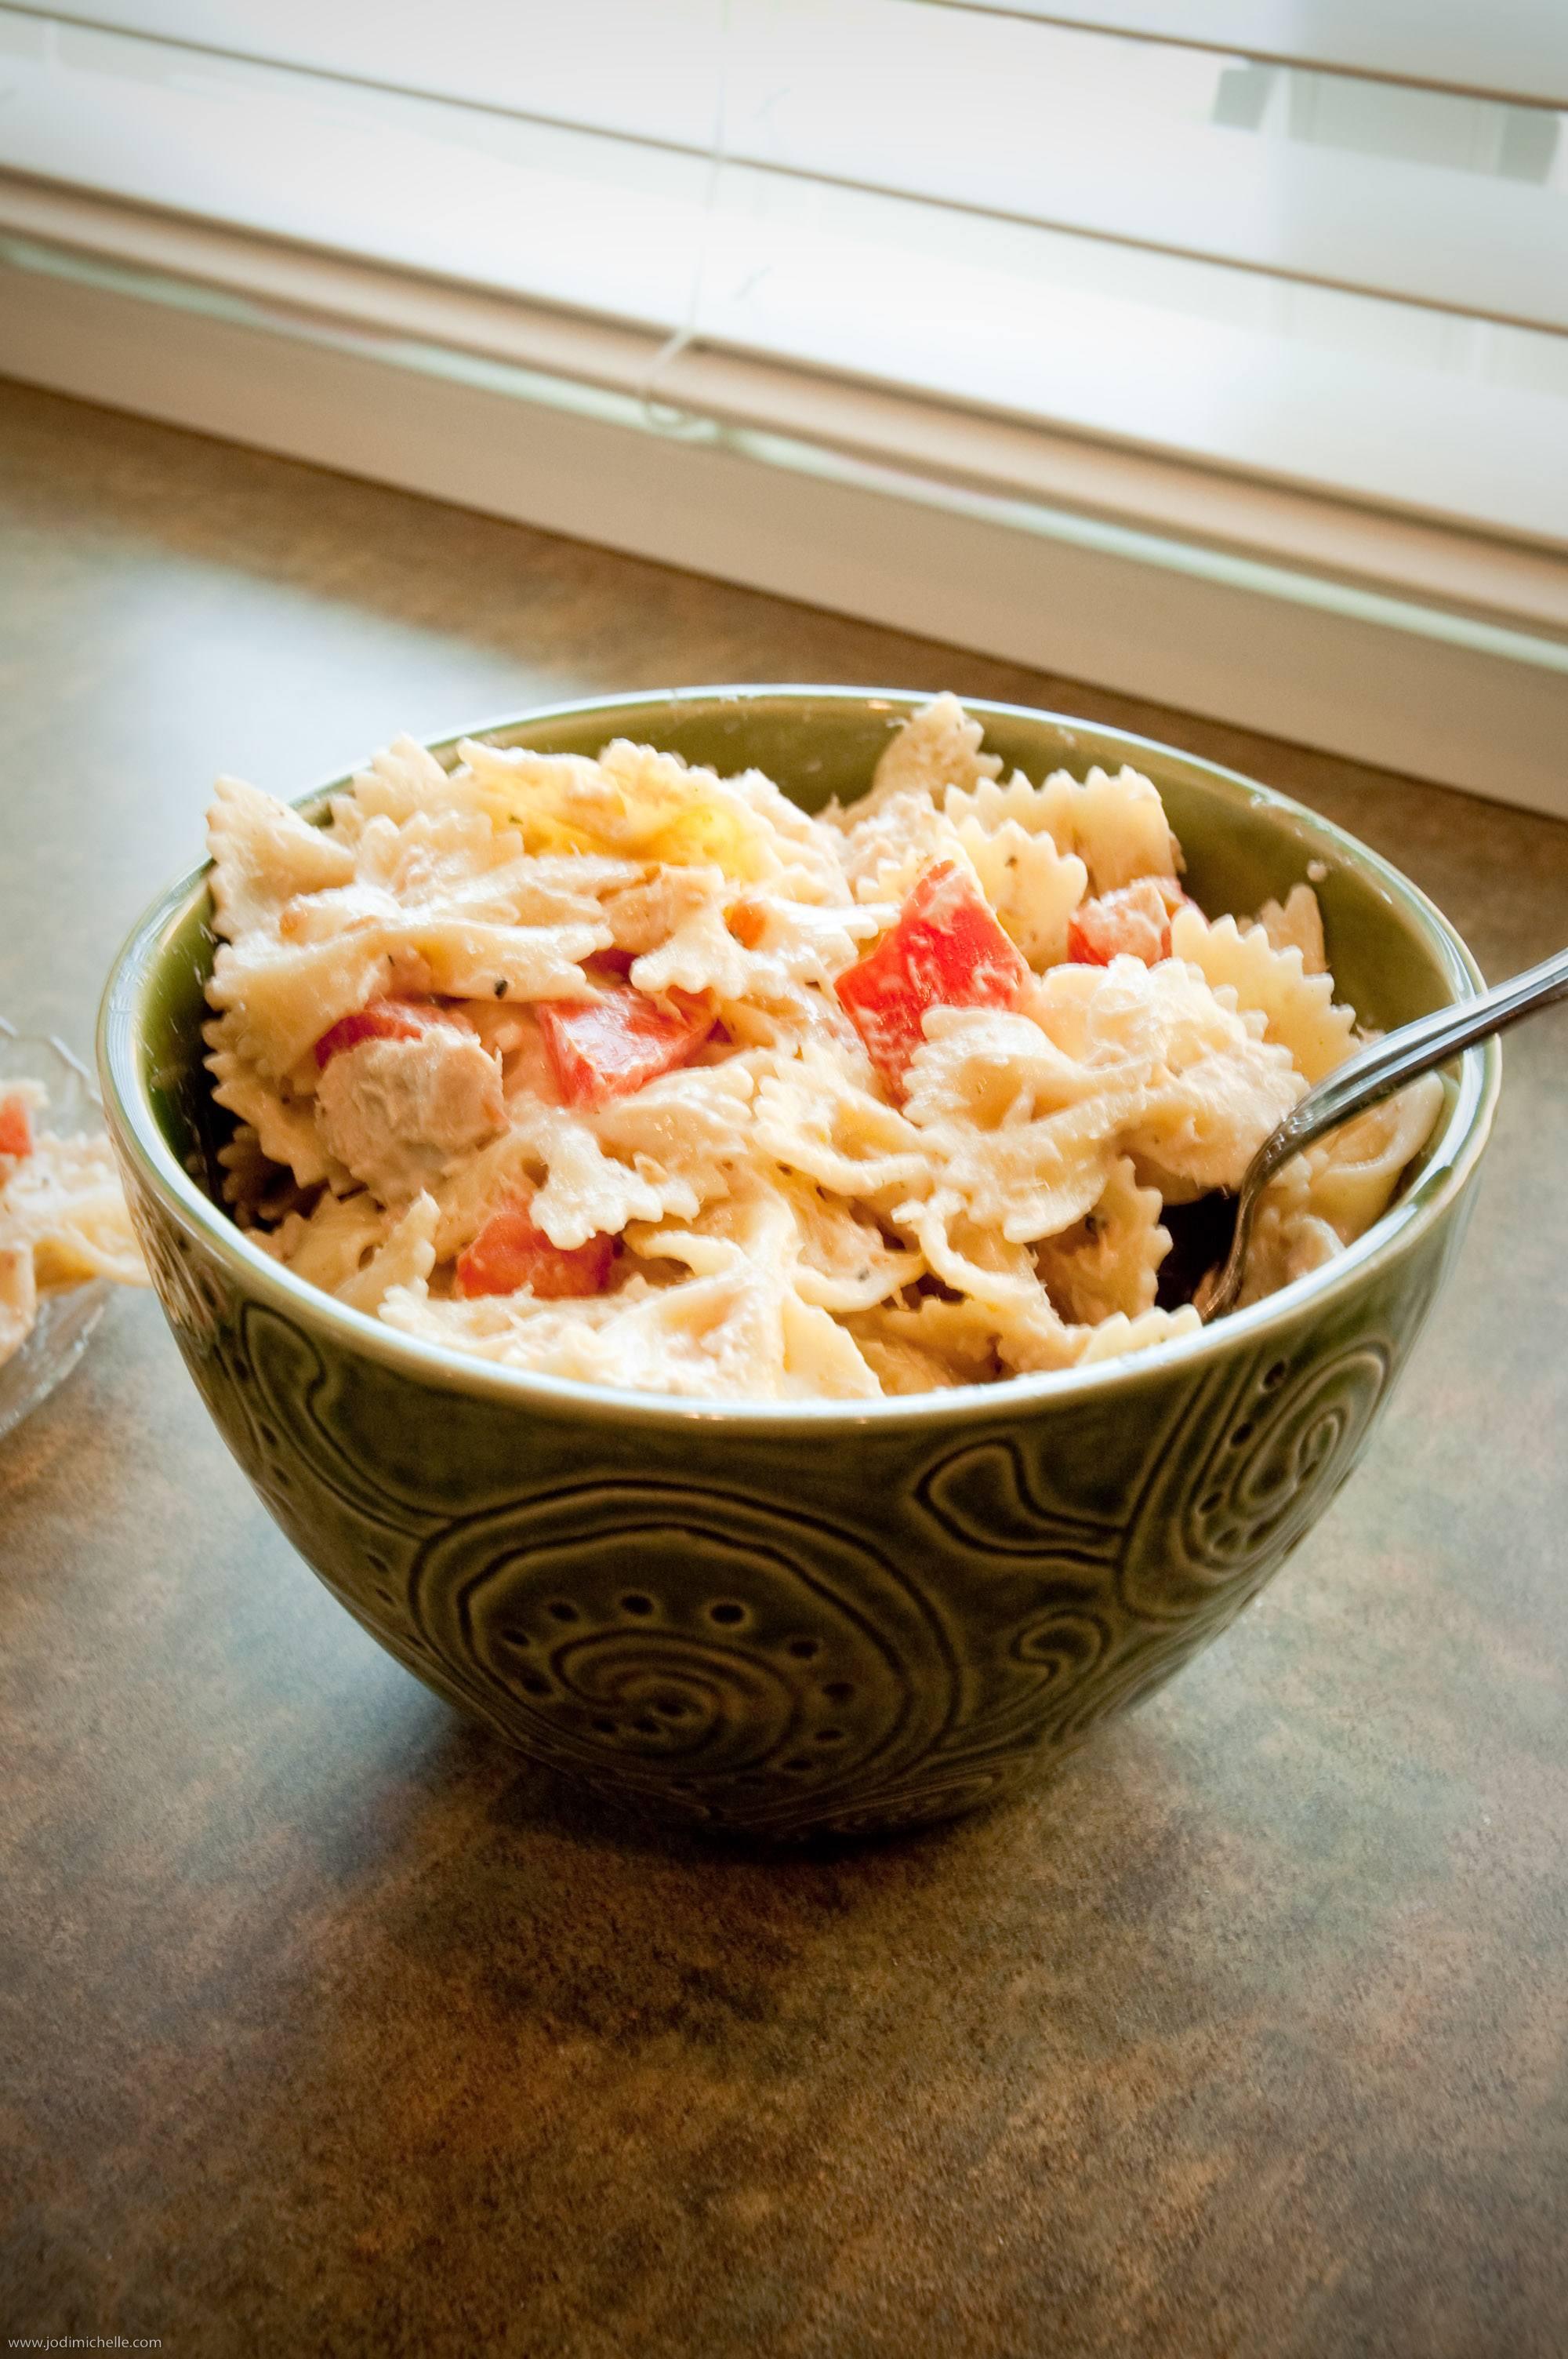 - 30 dag makaronu (np. kokardek) - 2 duże pomidory - 30 dag tuńczyka w sosie własnym - 1 łyżka oliwy z pestek winogron - 2 łyżeczki soku z cytryny - kilka listków świeżej bazylii do dekoracji - sól do smaku - pieprz do smaku